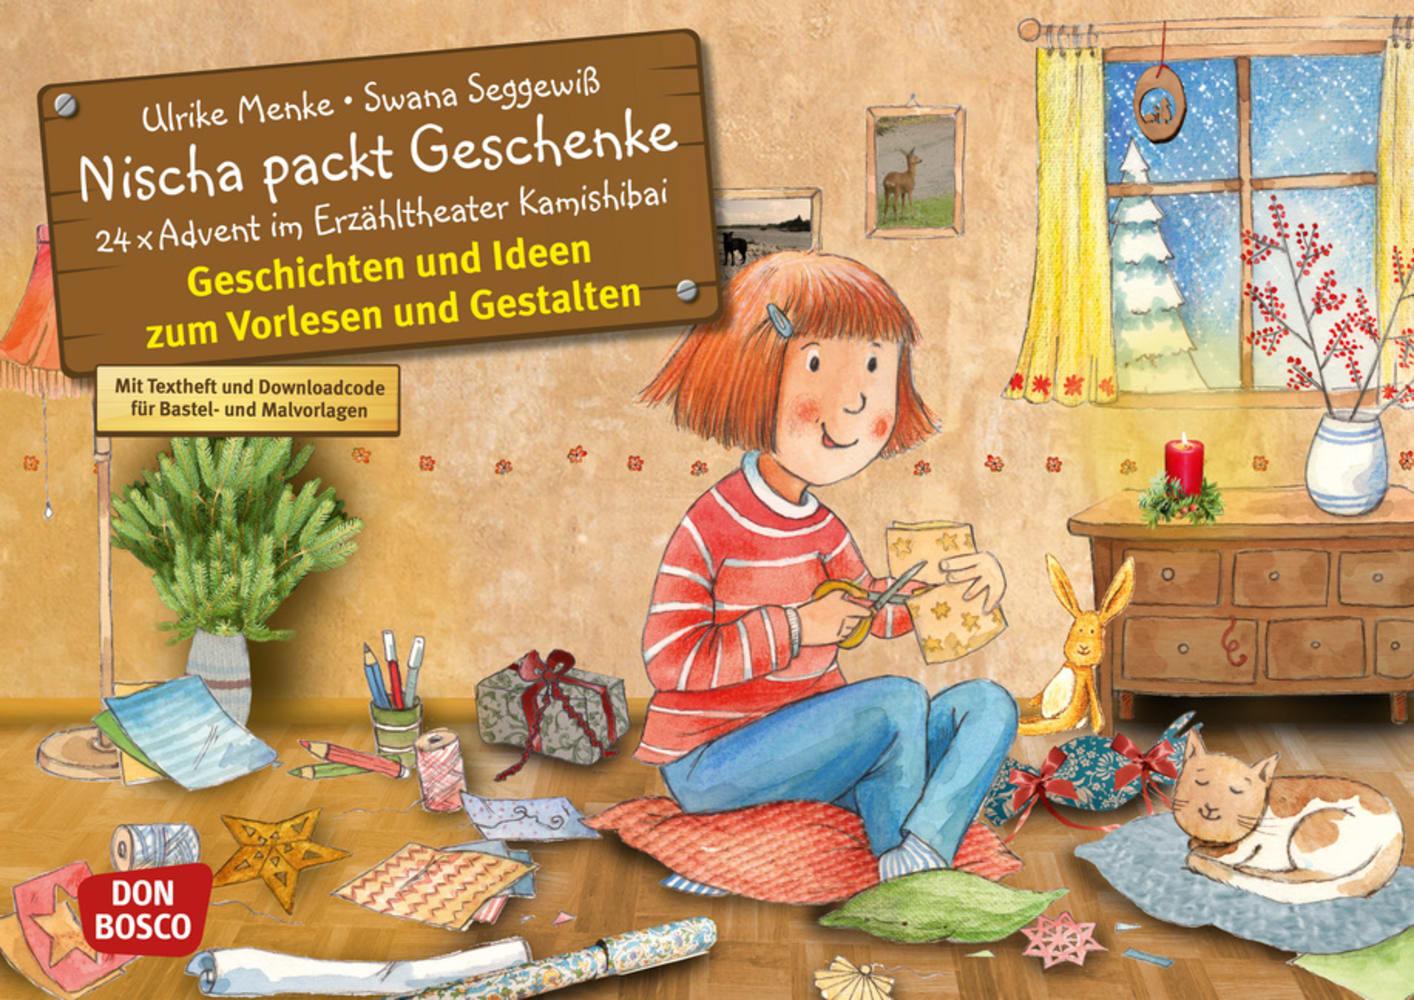 Nischa packt Geschenke, Kamishibai Bildkartenset